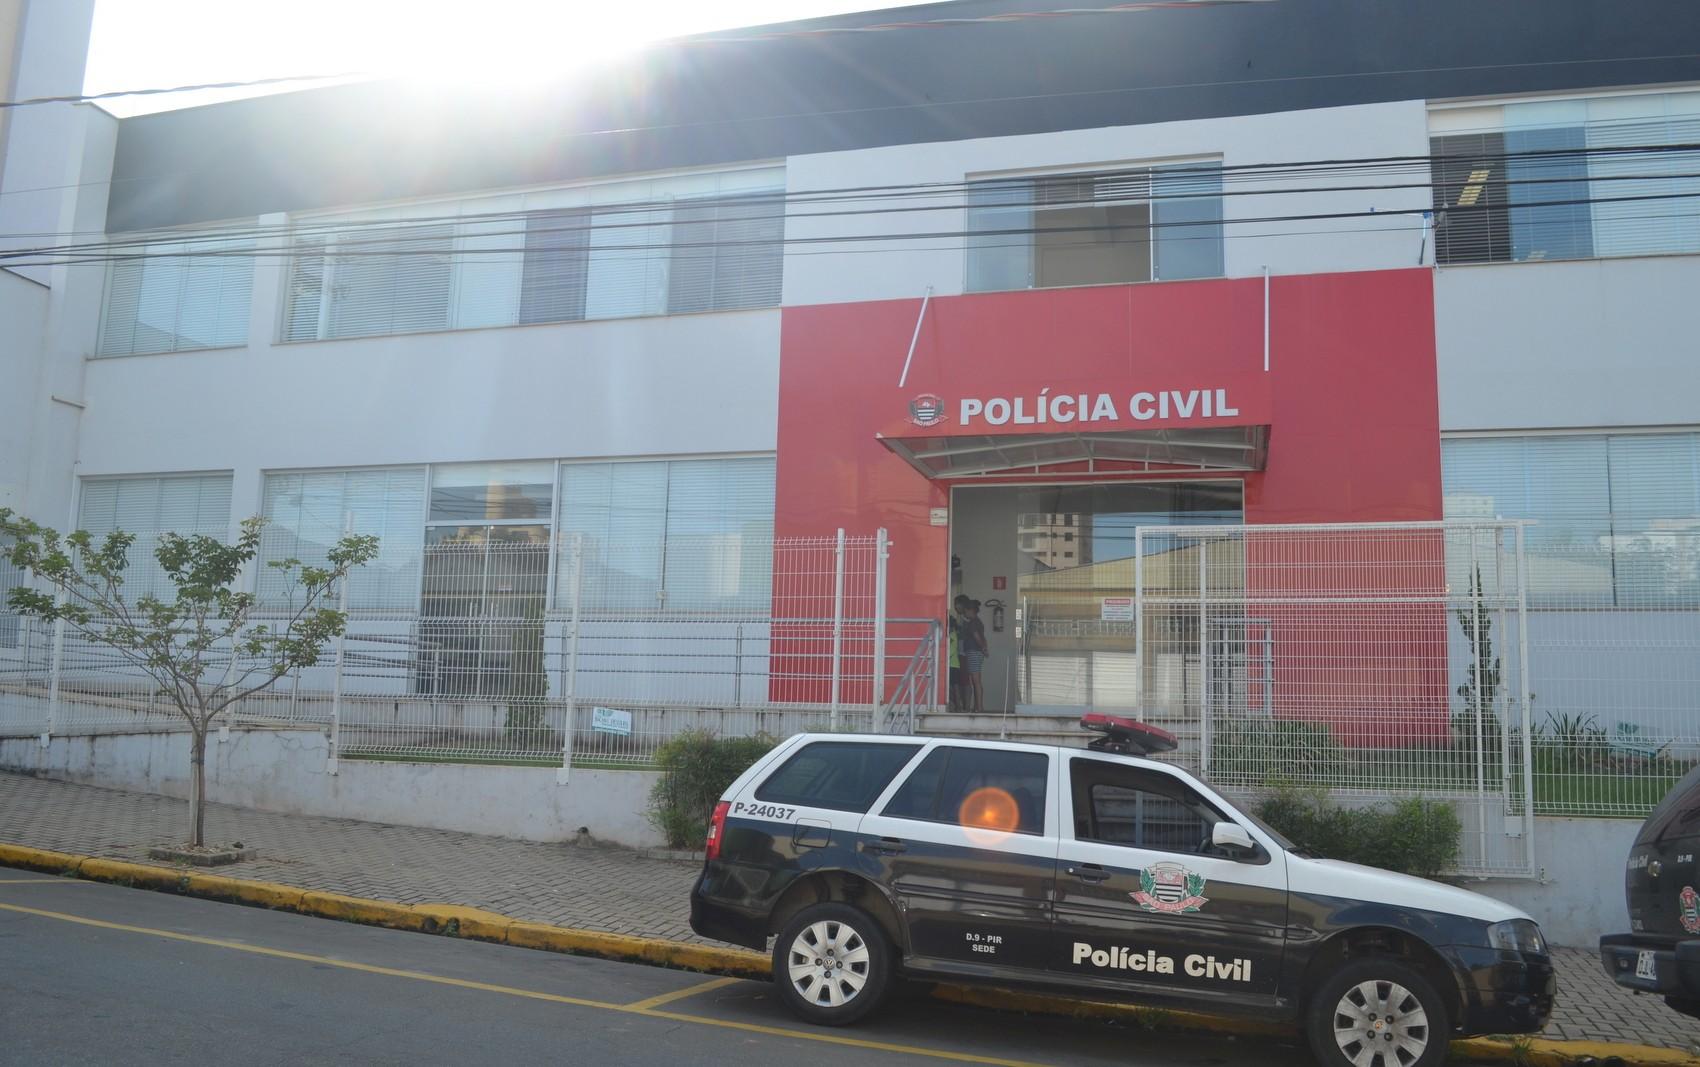 Procurado por homicídio em Pernambuco é capturado pela PM em Piracicaba